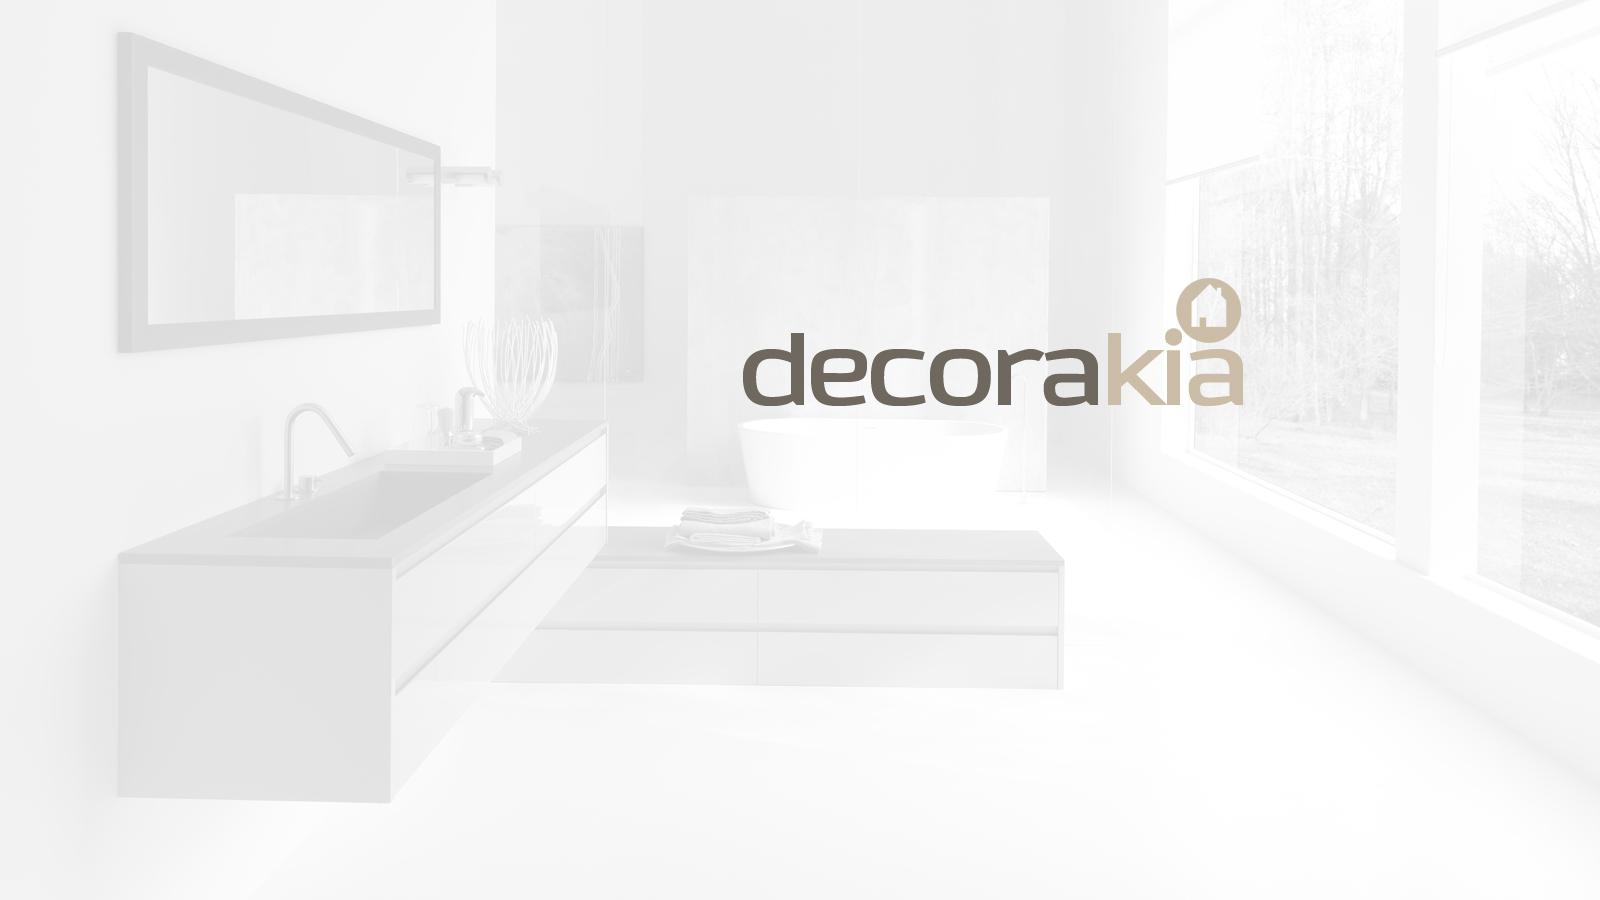 Decorakia